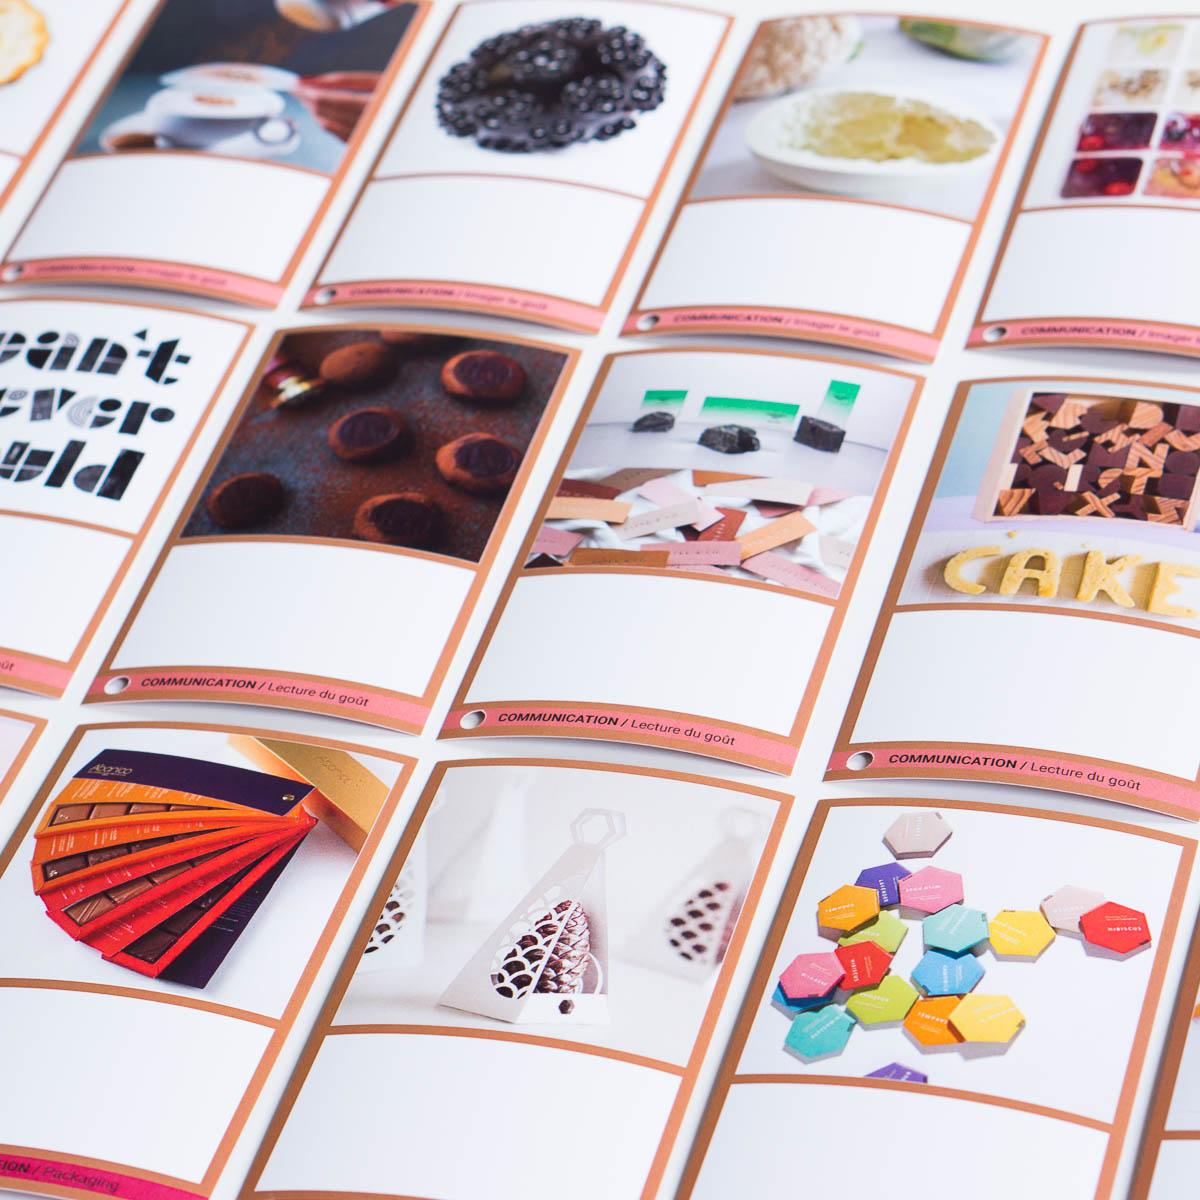 La Conche (Valrhona) • Rencontre de chocolatiers •Outil d'inspirations développé par le Studio Exquisite pour réfléchir aux nouveaux enjeux des colorants alimentaires